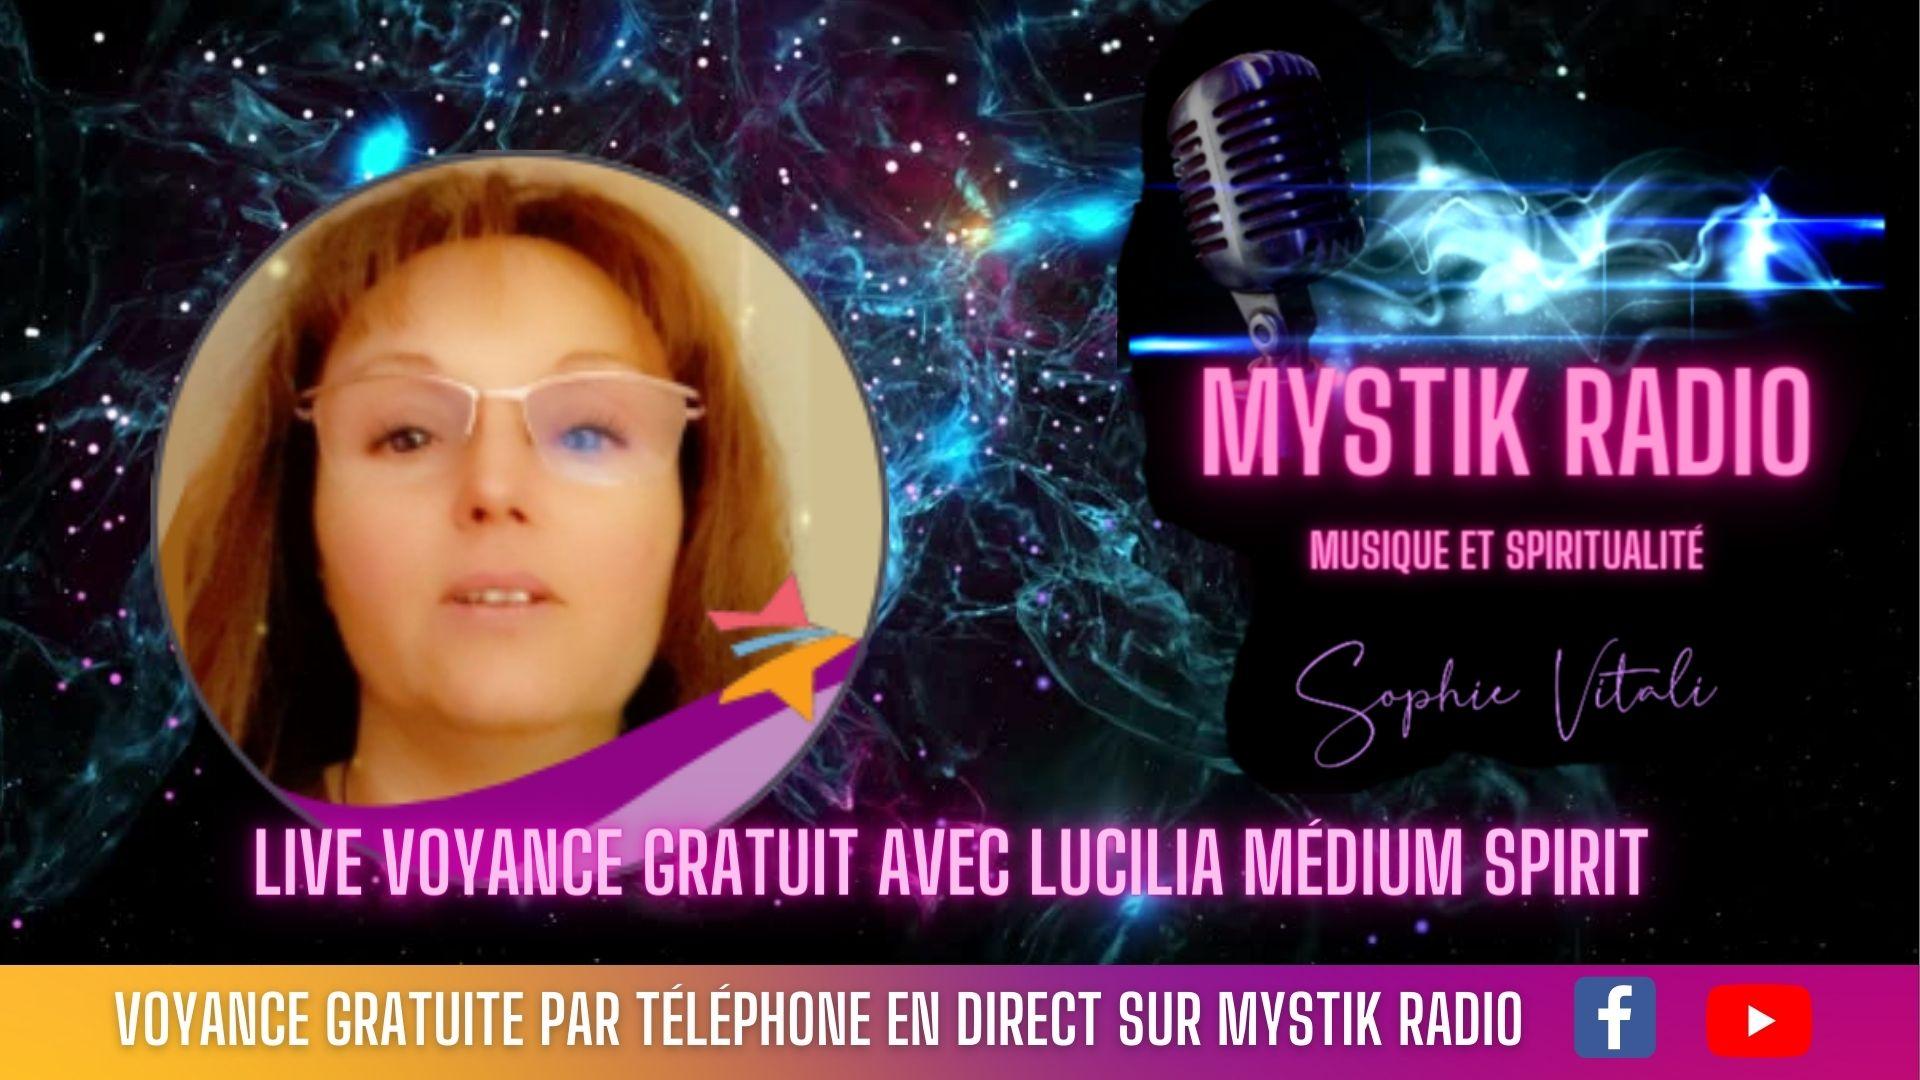 voyance gratuite en direct avec Lucilia médium